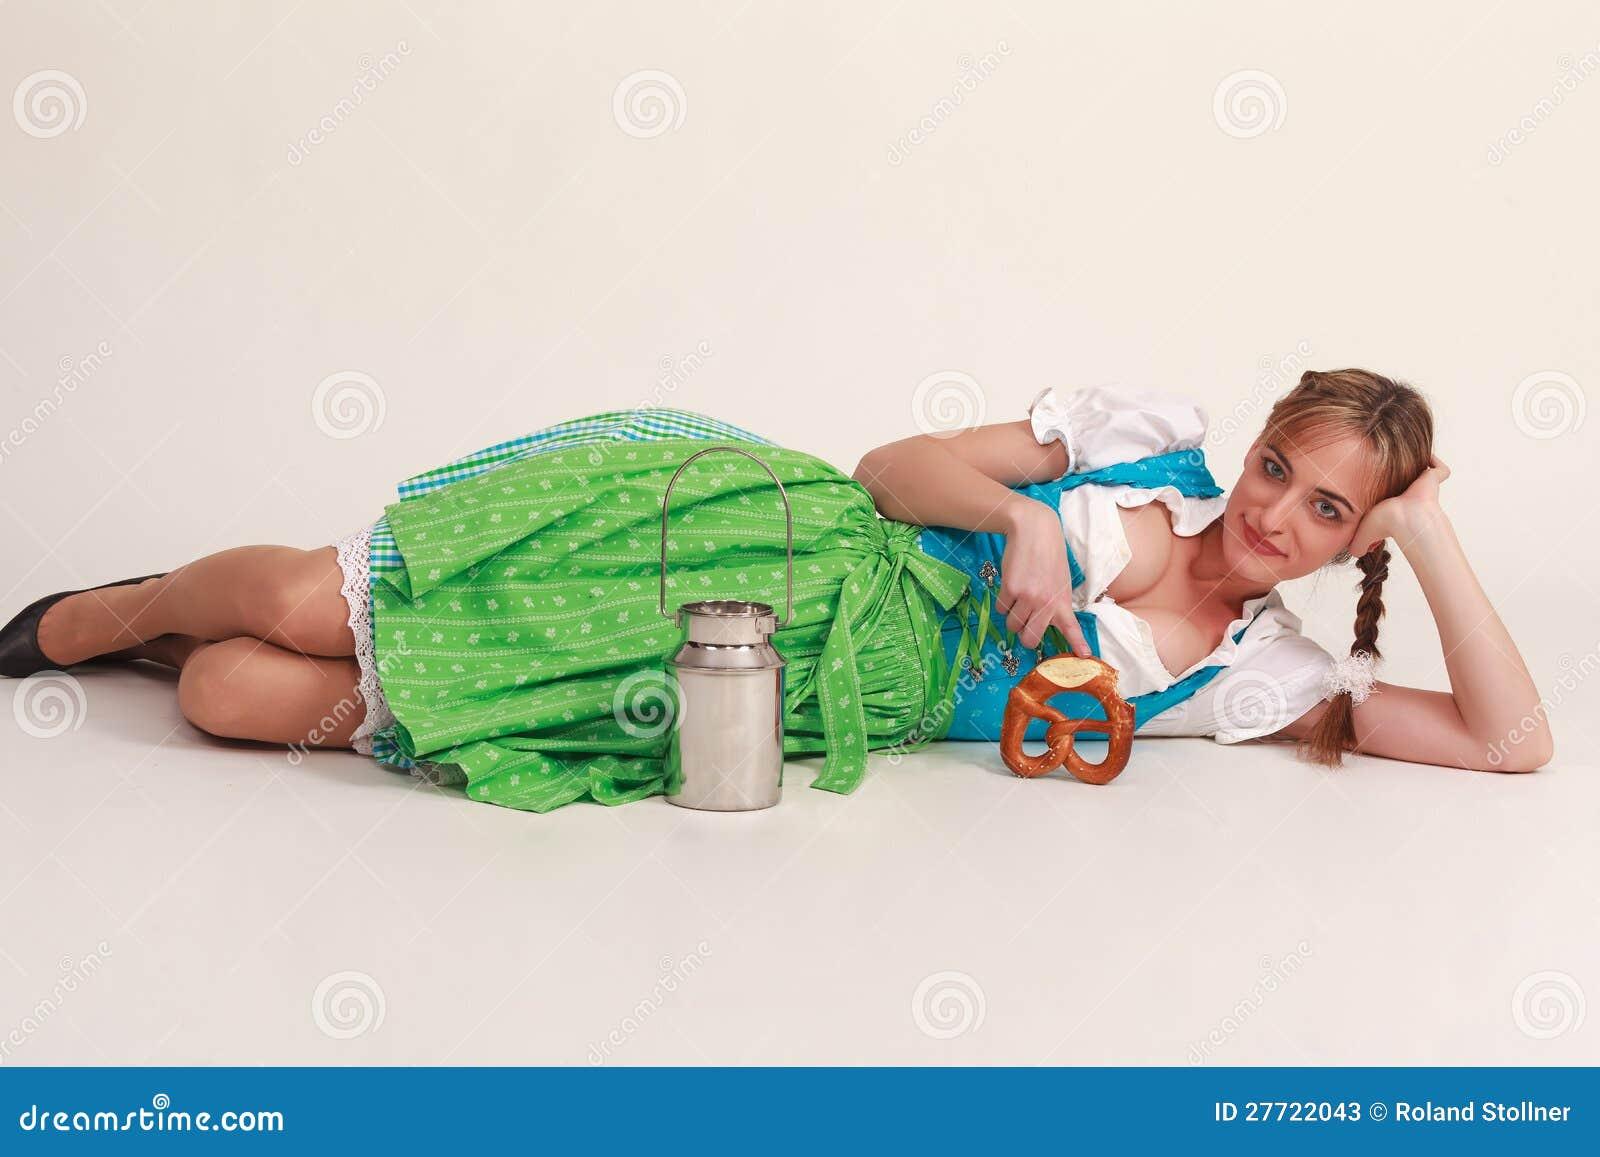 Śmieszna Bawarska dziewczyna